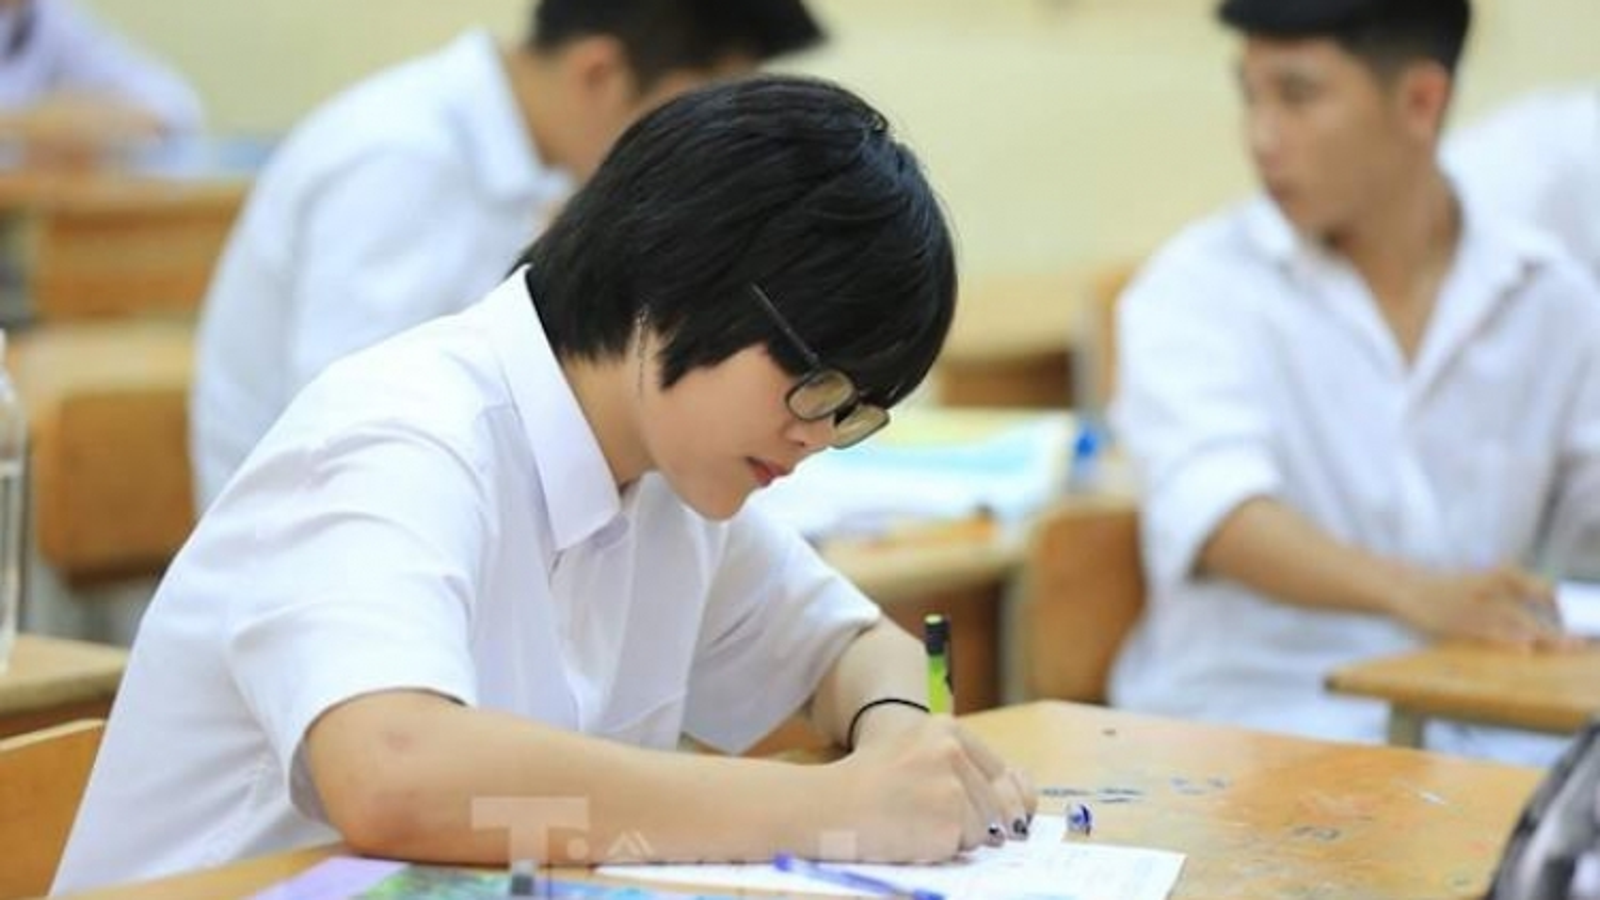 Thí sinh tự do được tham gia thi tốt nghiệp THPT để xét tuyển đại học